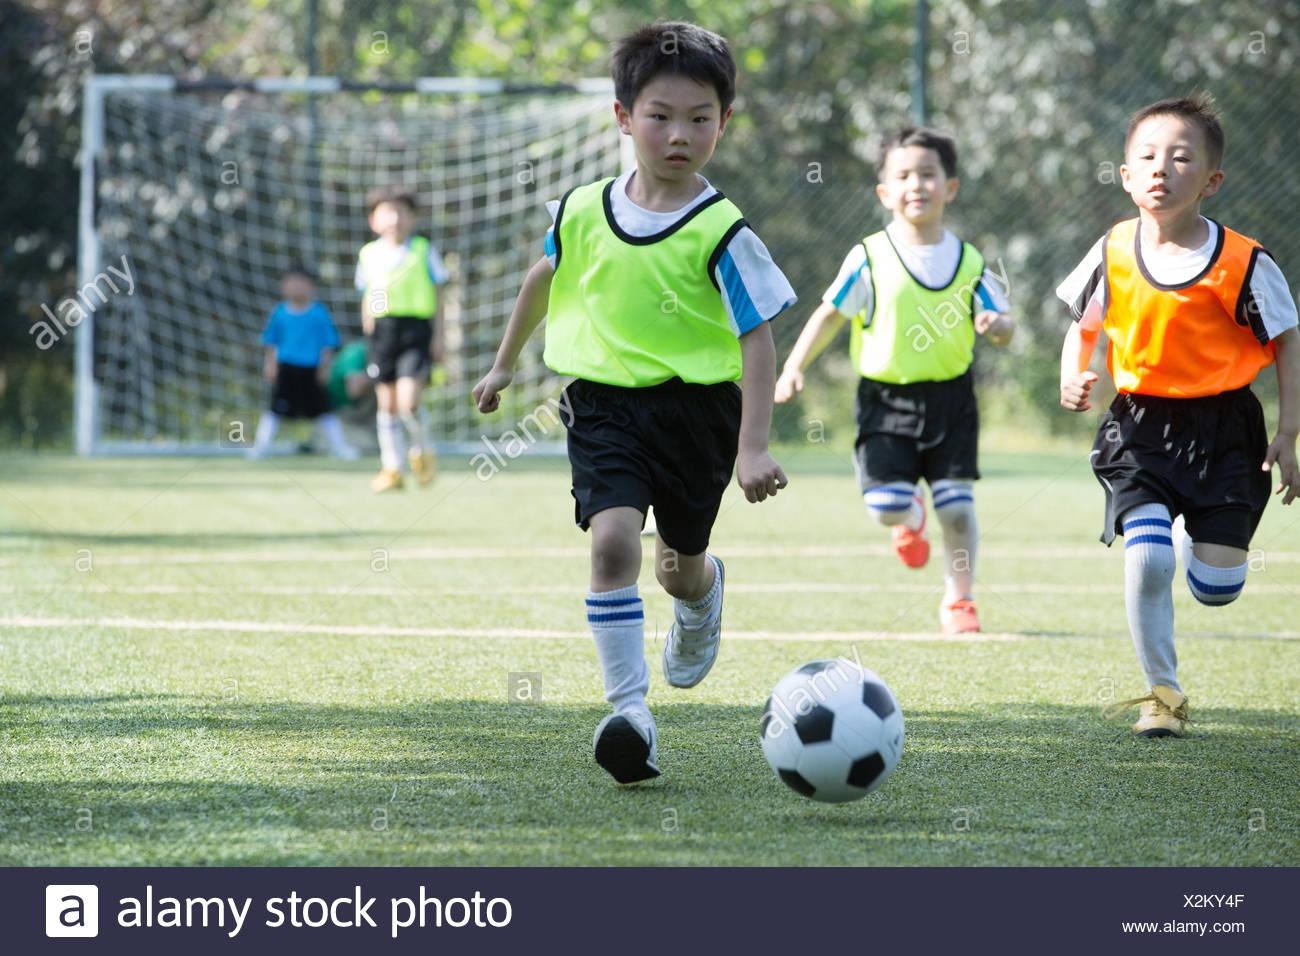 Die Jungs Fußball spielen auf dem Spielplatz Stockfoto